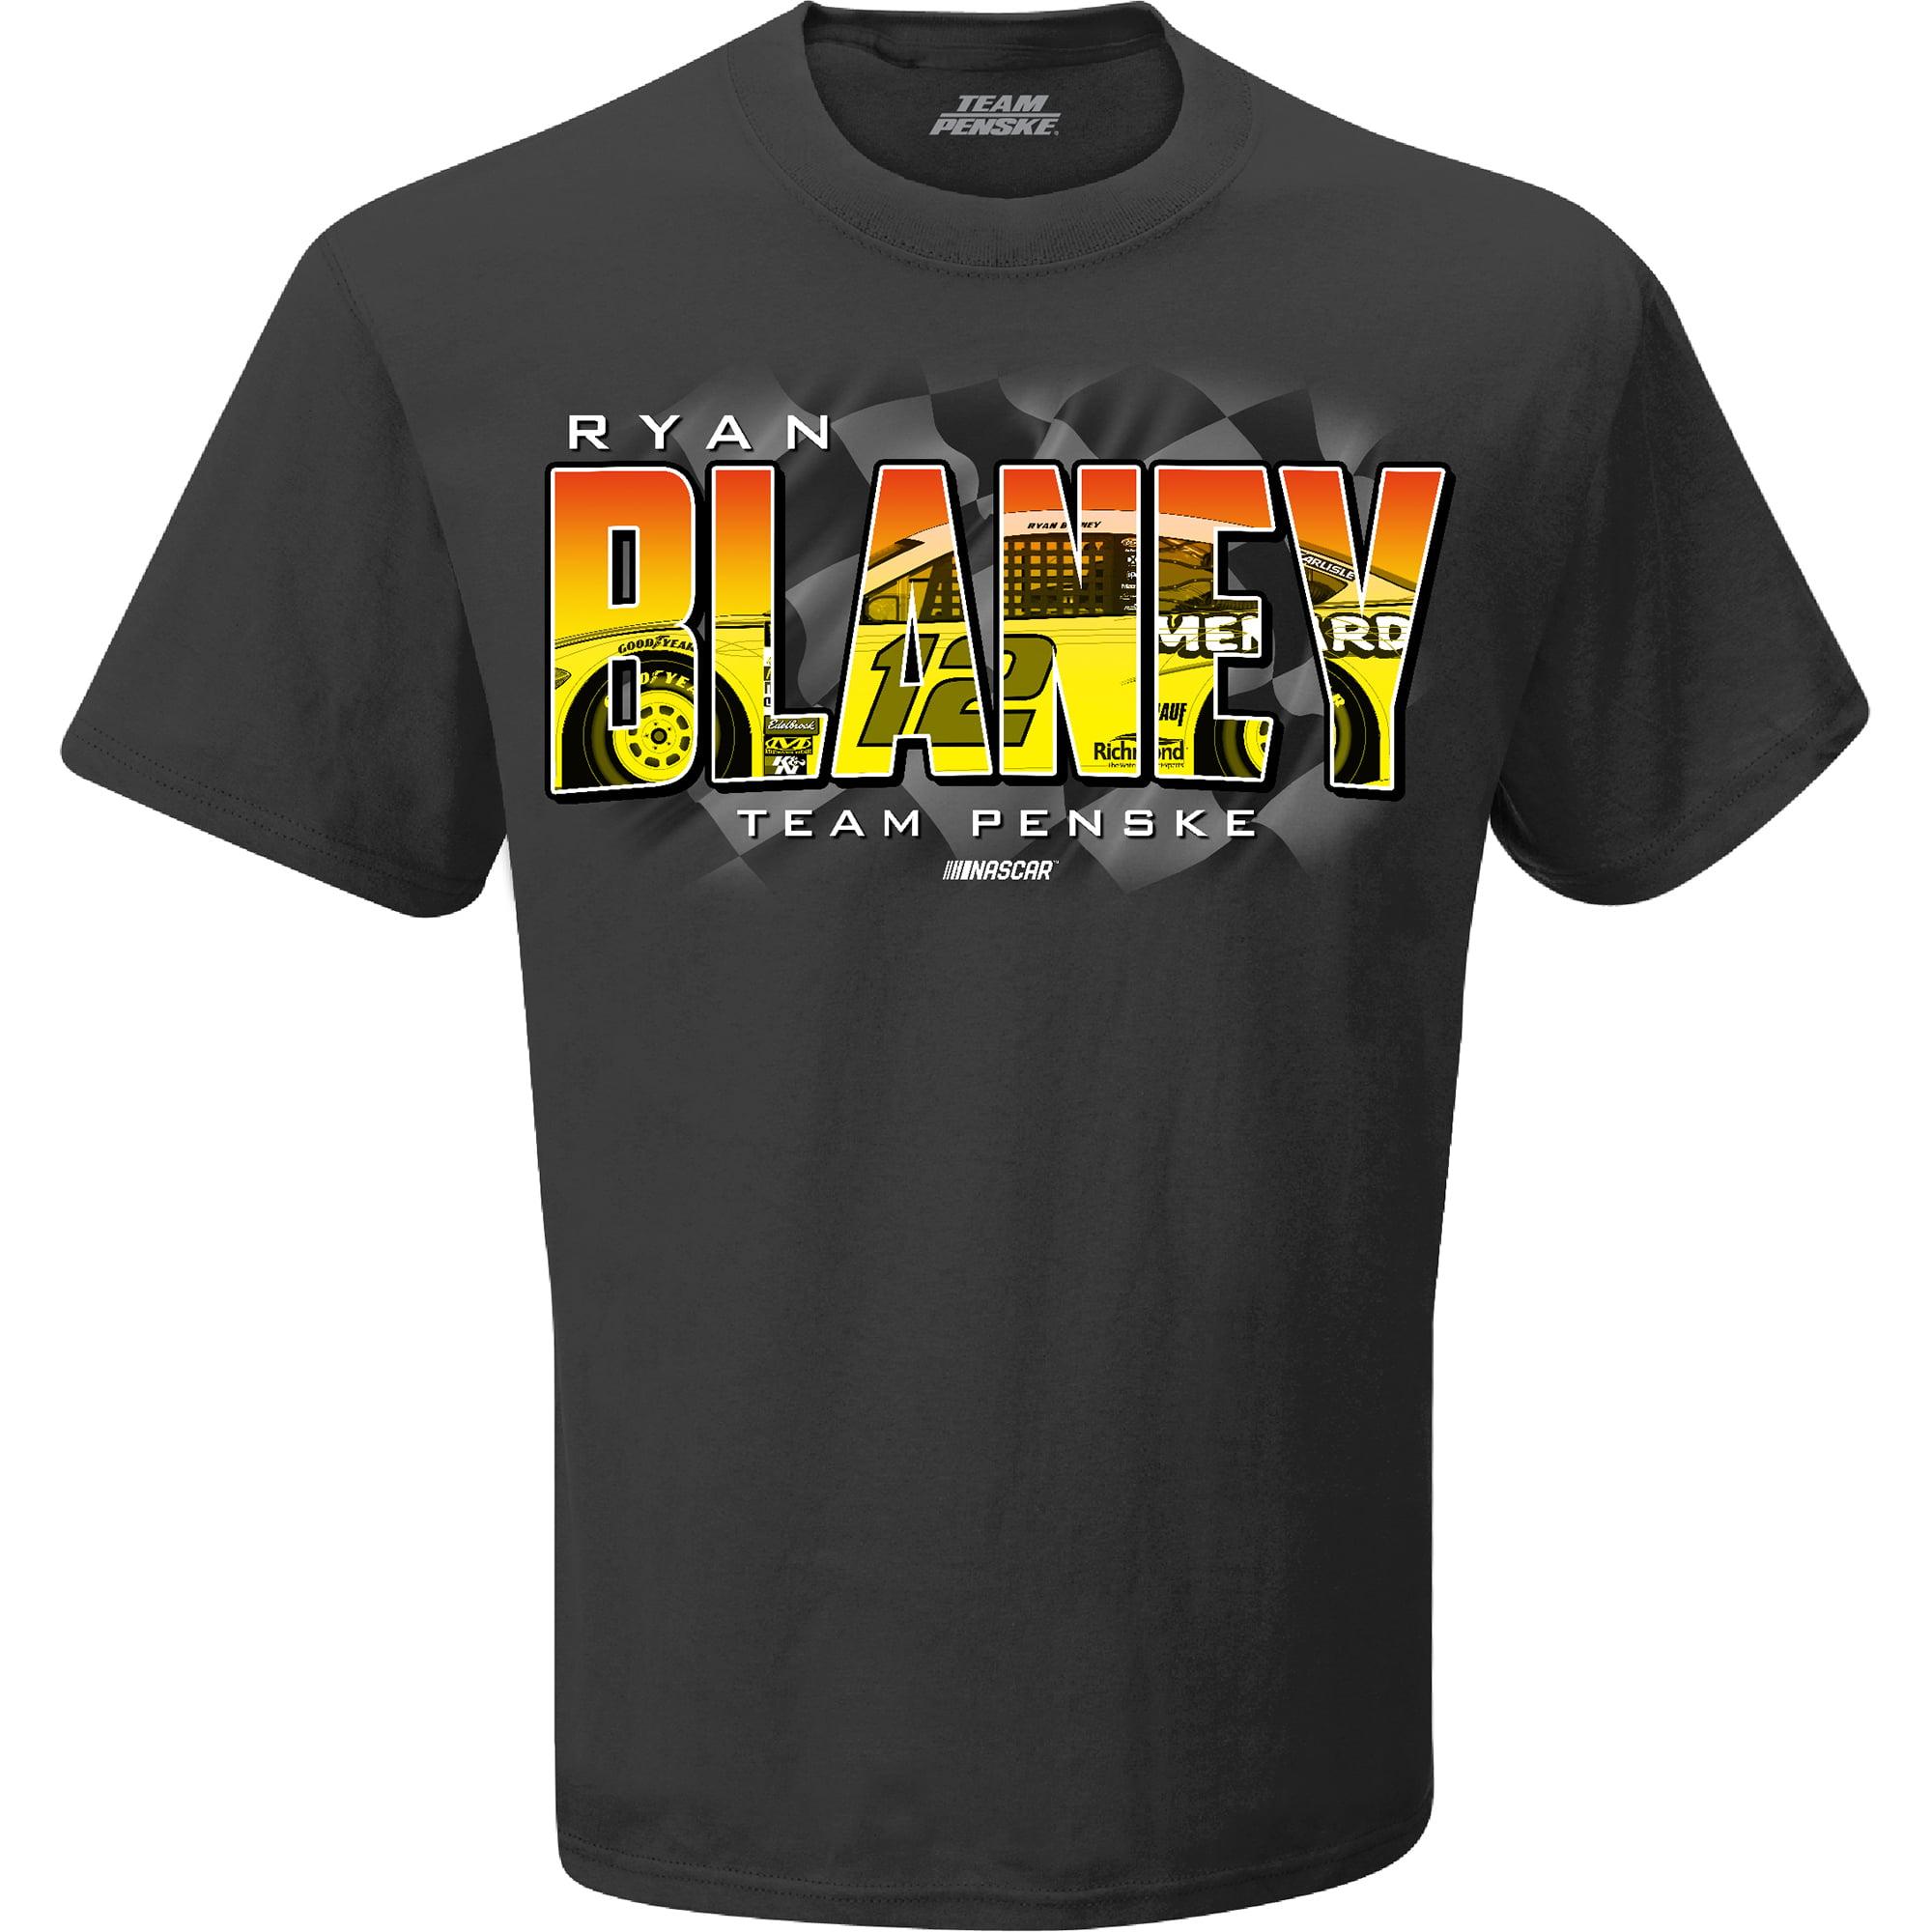 Ryan Blaney Team Penske Menards Weekend Warrior T-Shirt - Charcoal